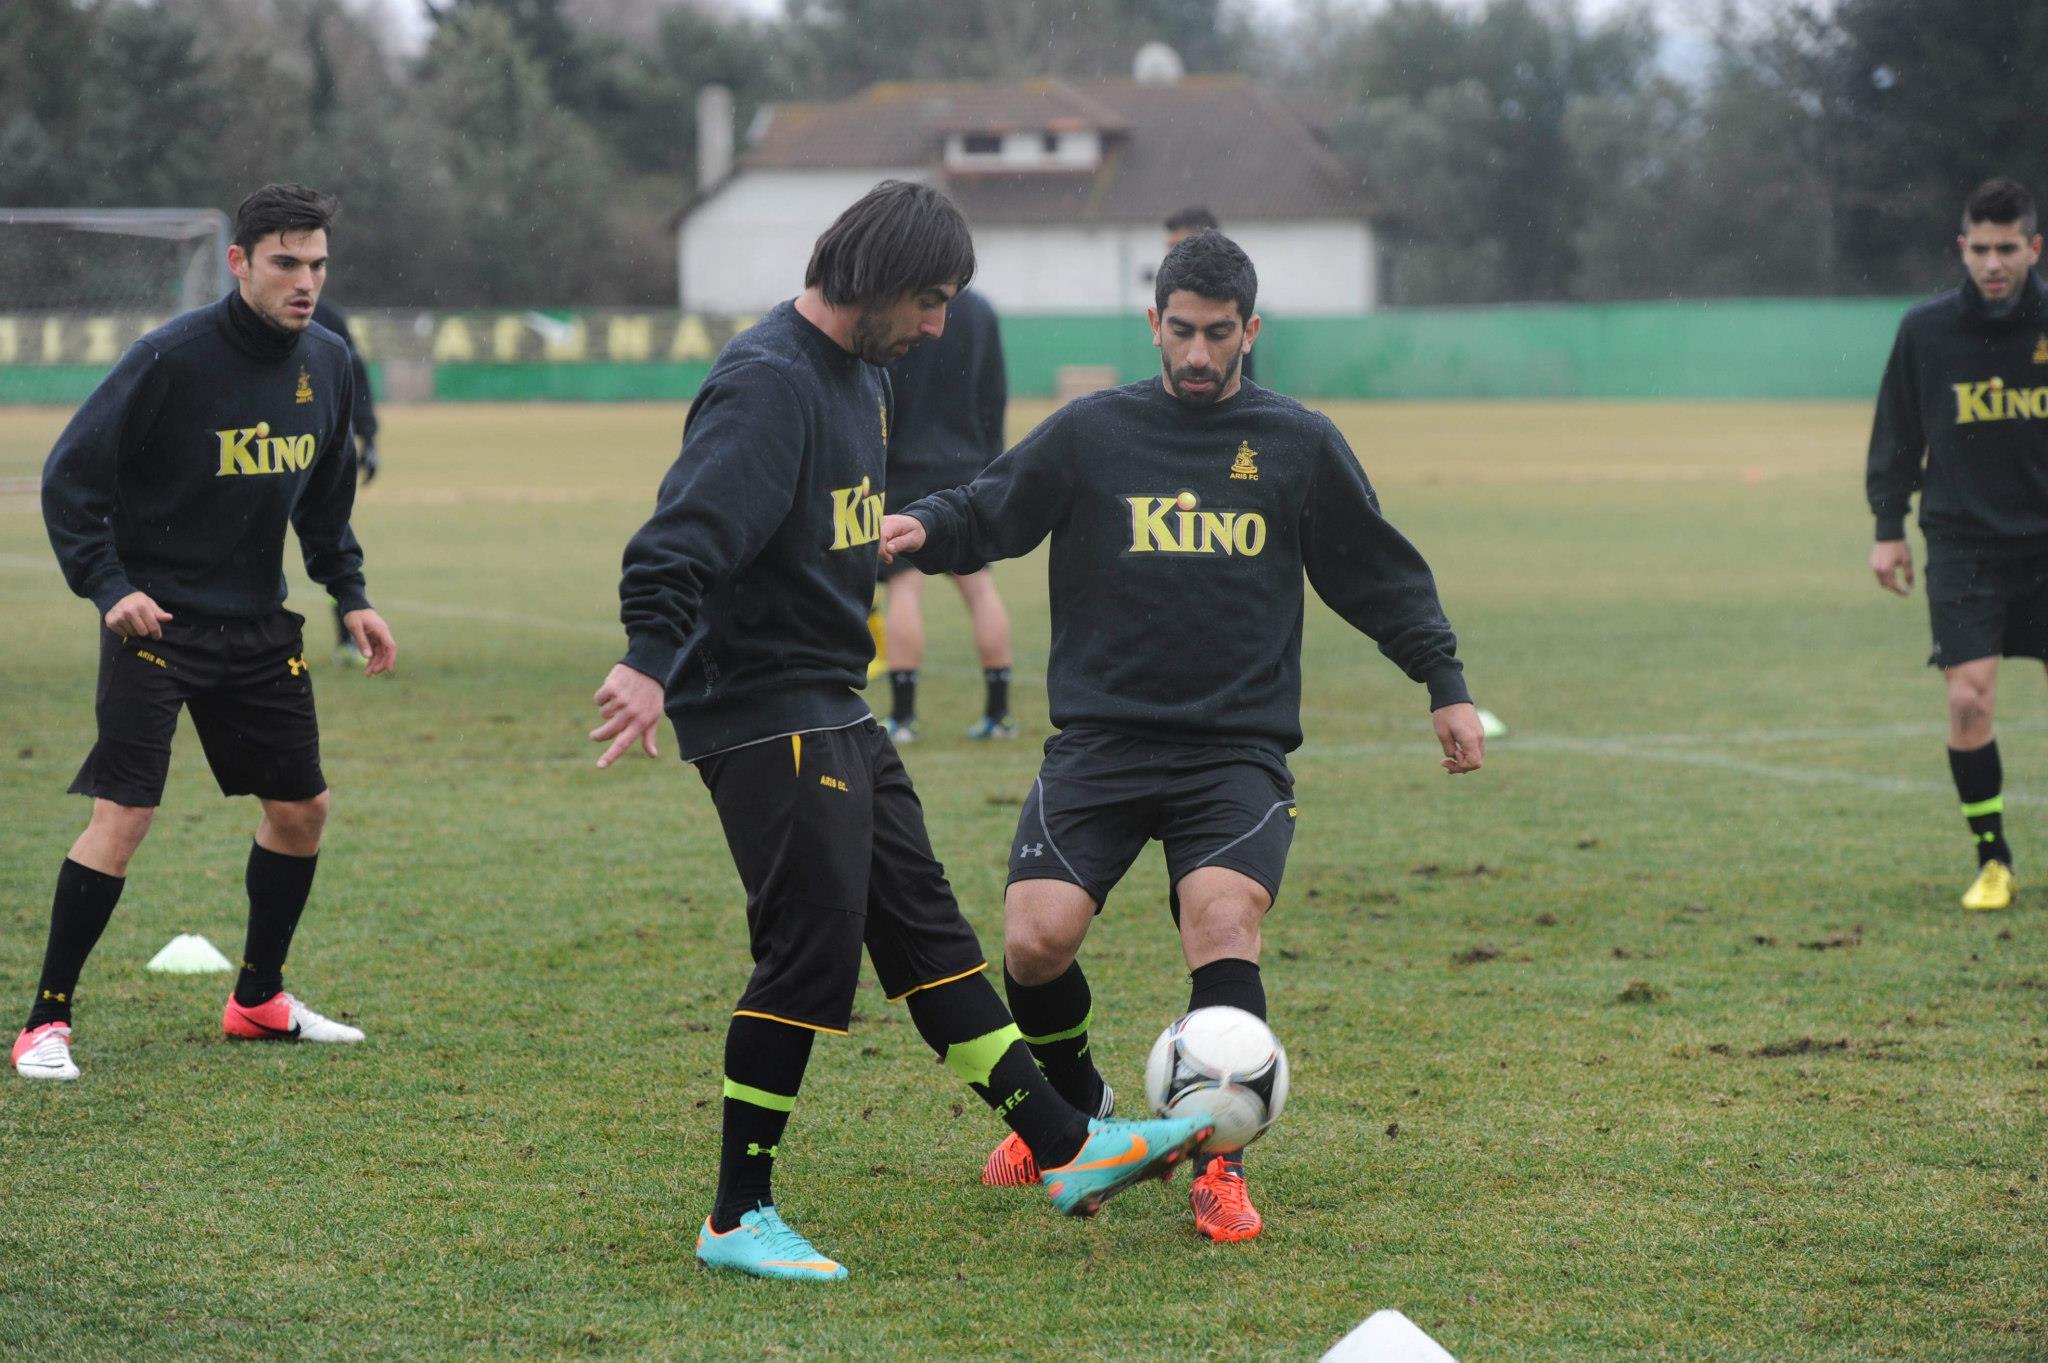 «Μαθήματα» ποδοσφαιρικού εγωισμού από Τάτο και Ζαραδούκα!